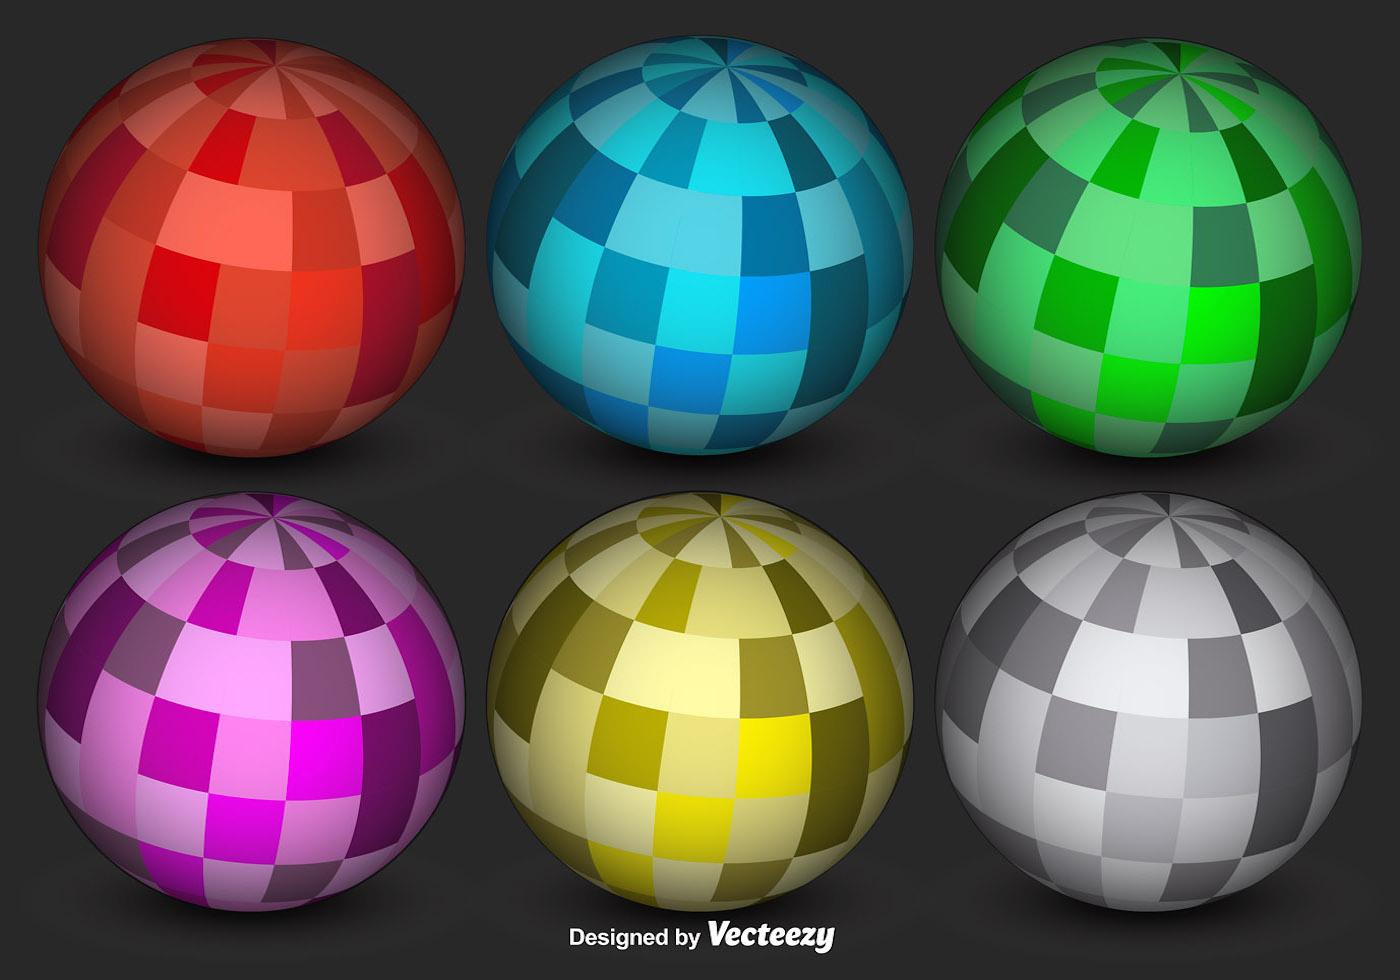 Abstract 3D Sphere Vectors